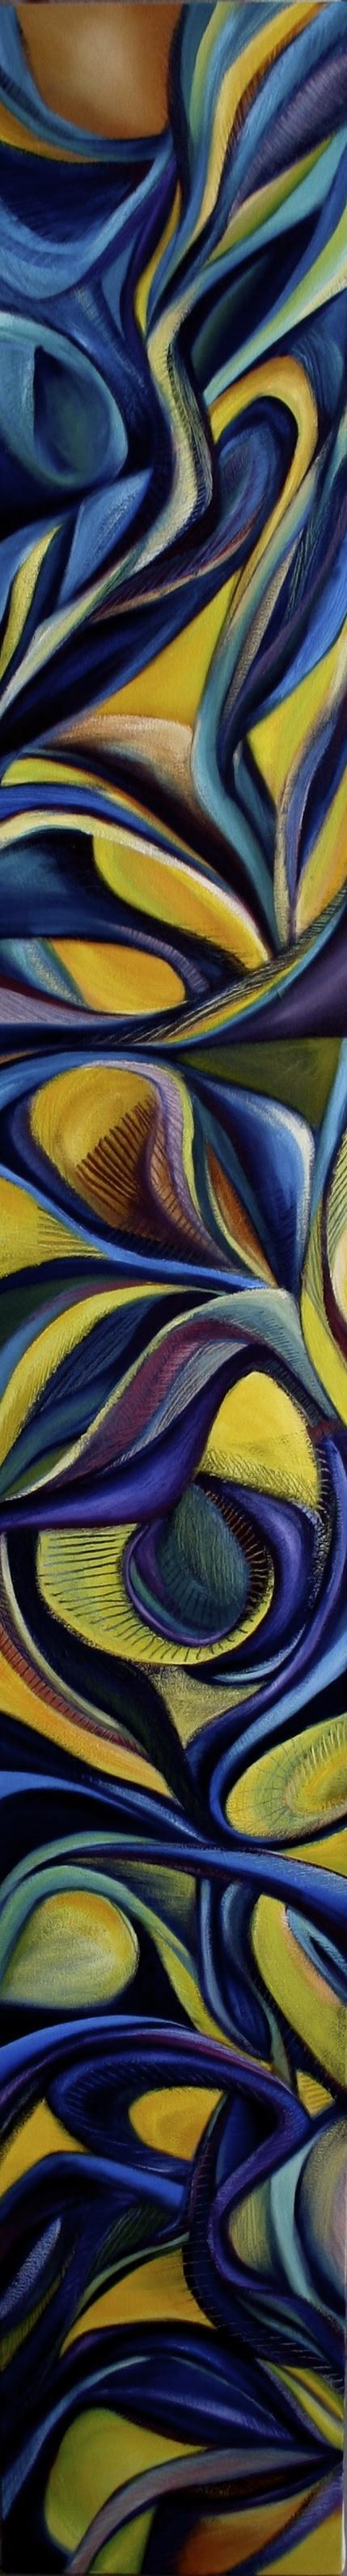 Schiele's Sunflower